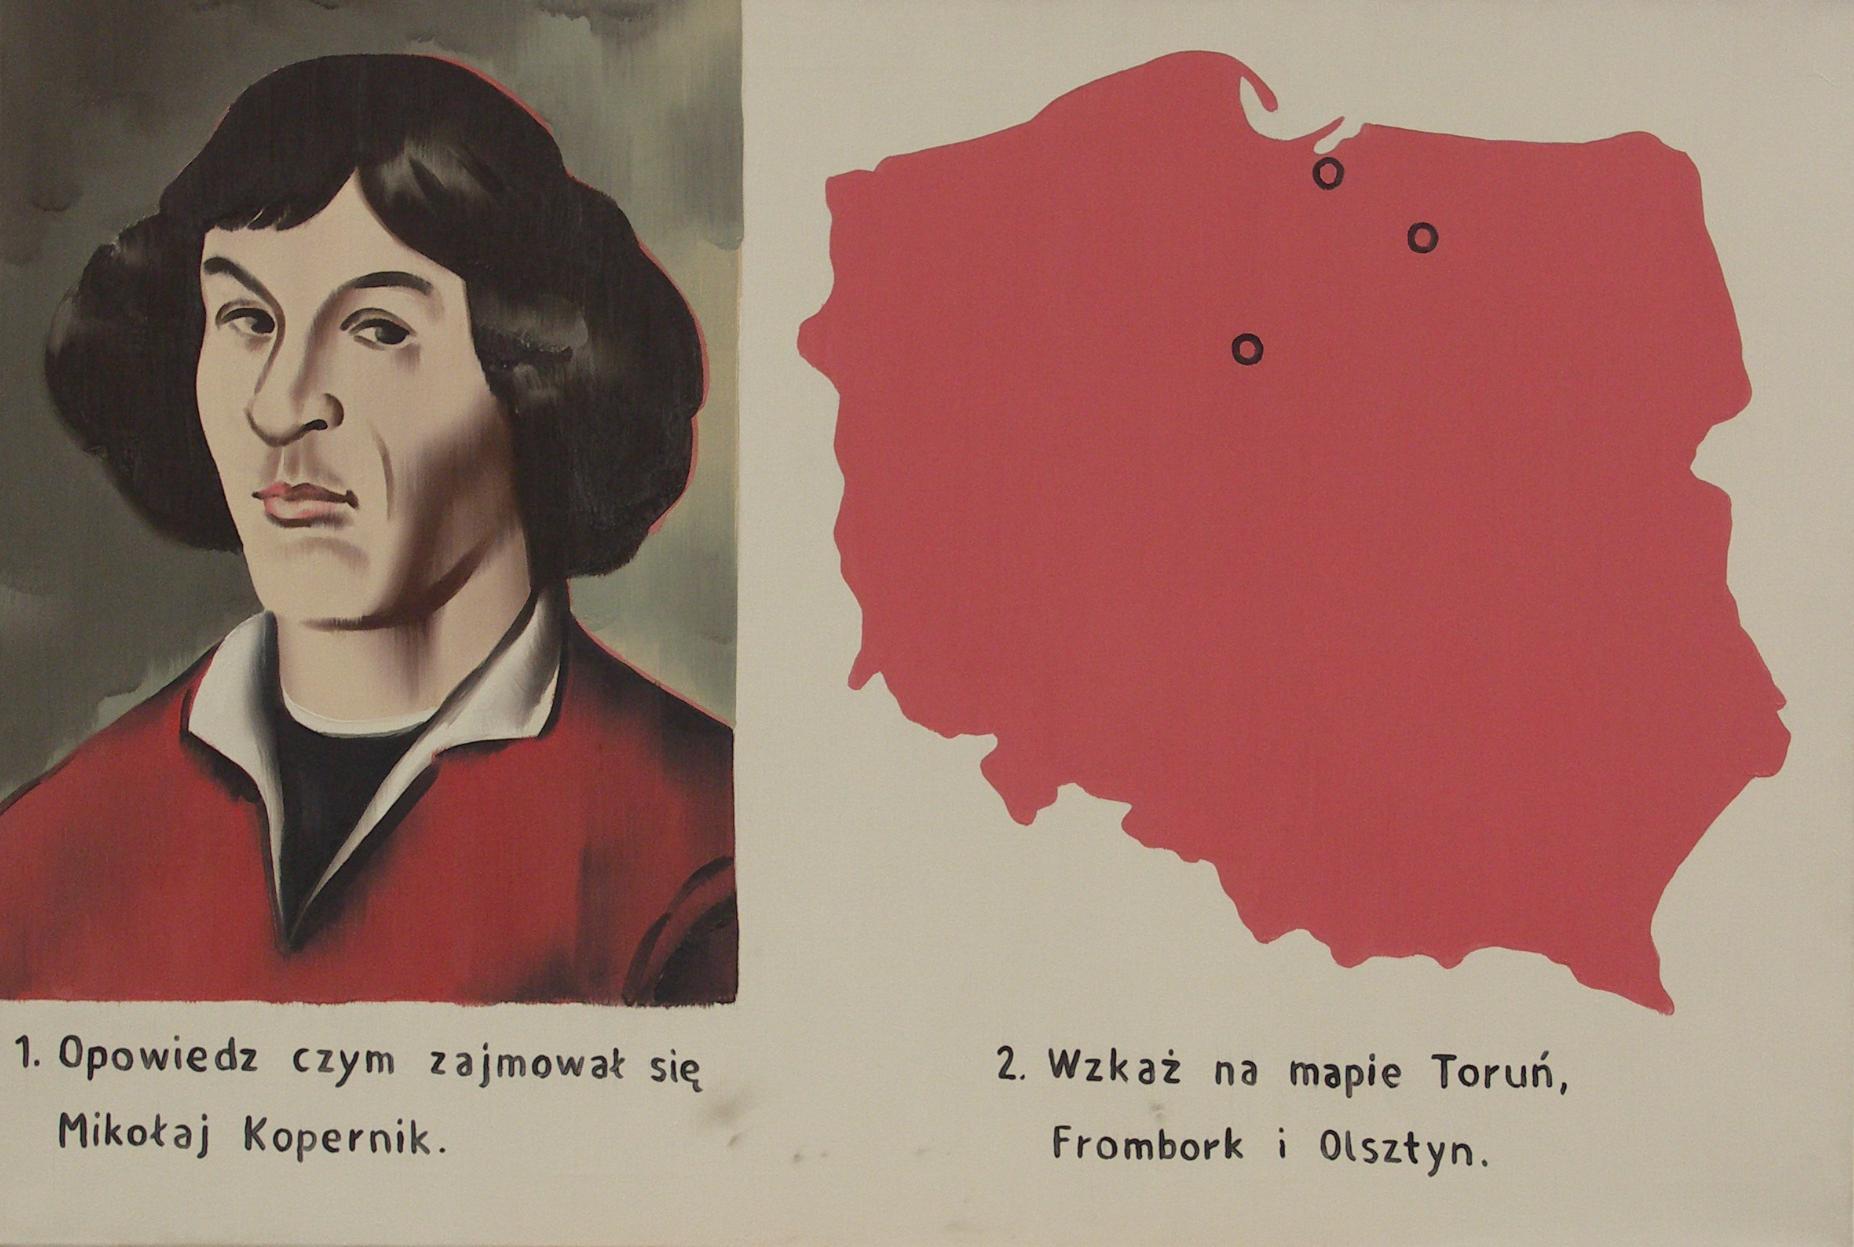 Odpowiedz Czym Zajmował Się Mikołaj Kopernik Centrum Sztuki